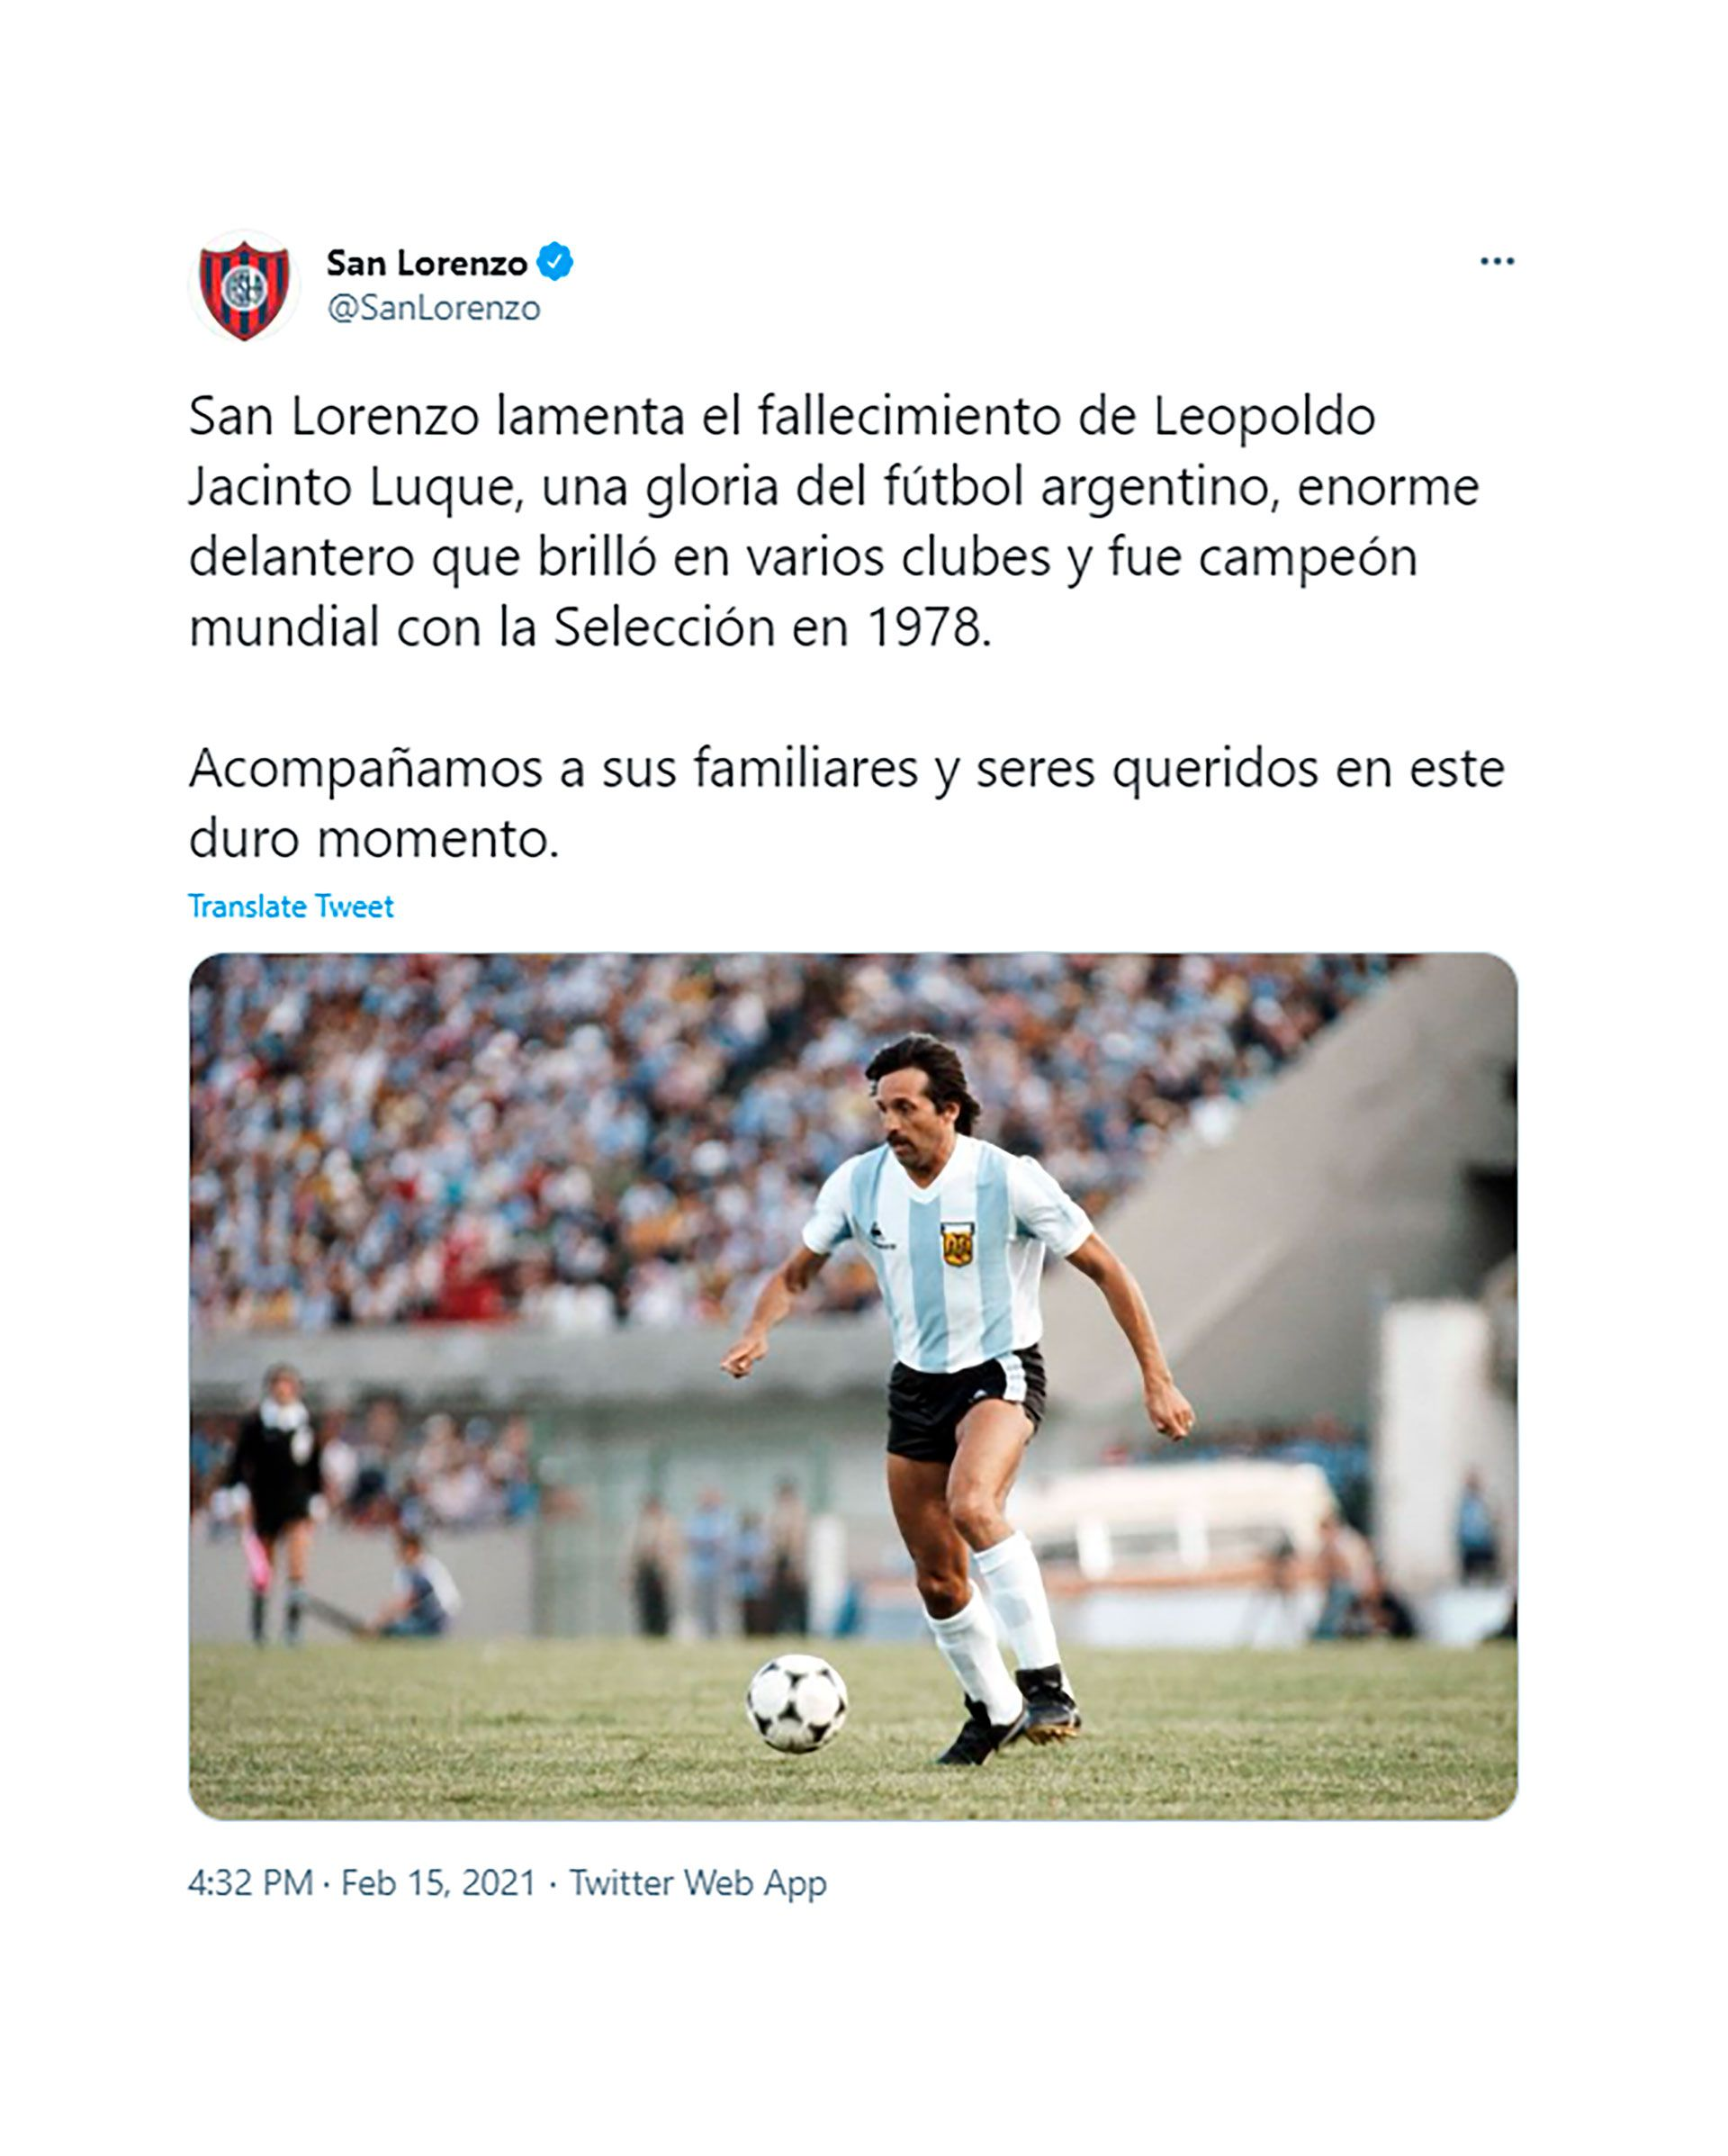 tuits por la muerte de Leopoldo Jacinto Luque